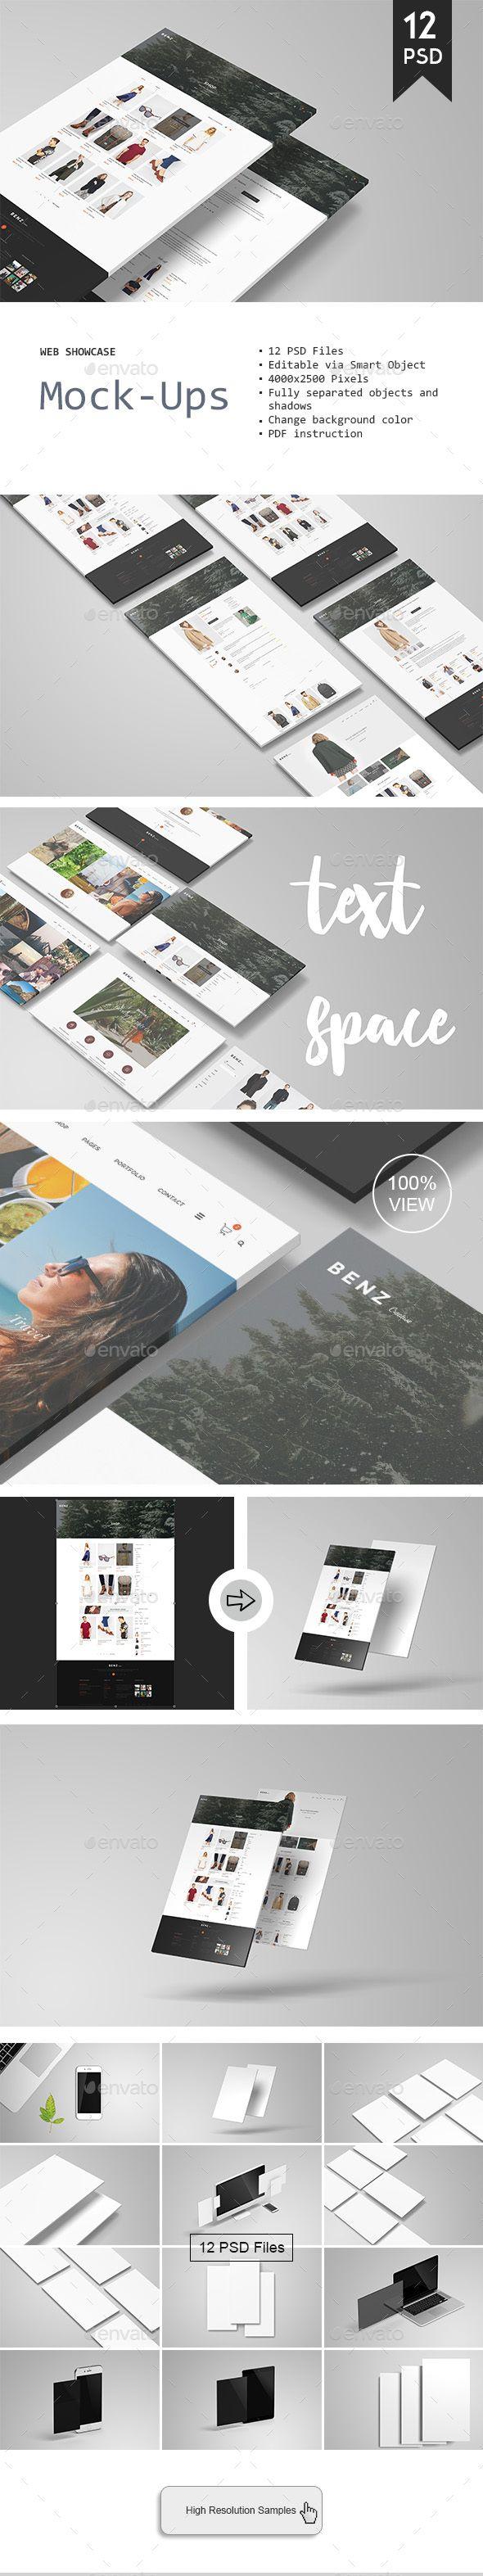 Web Showcase Mockup